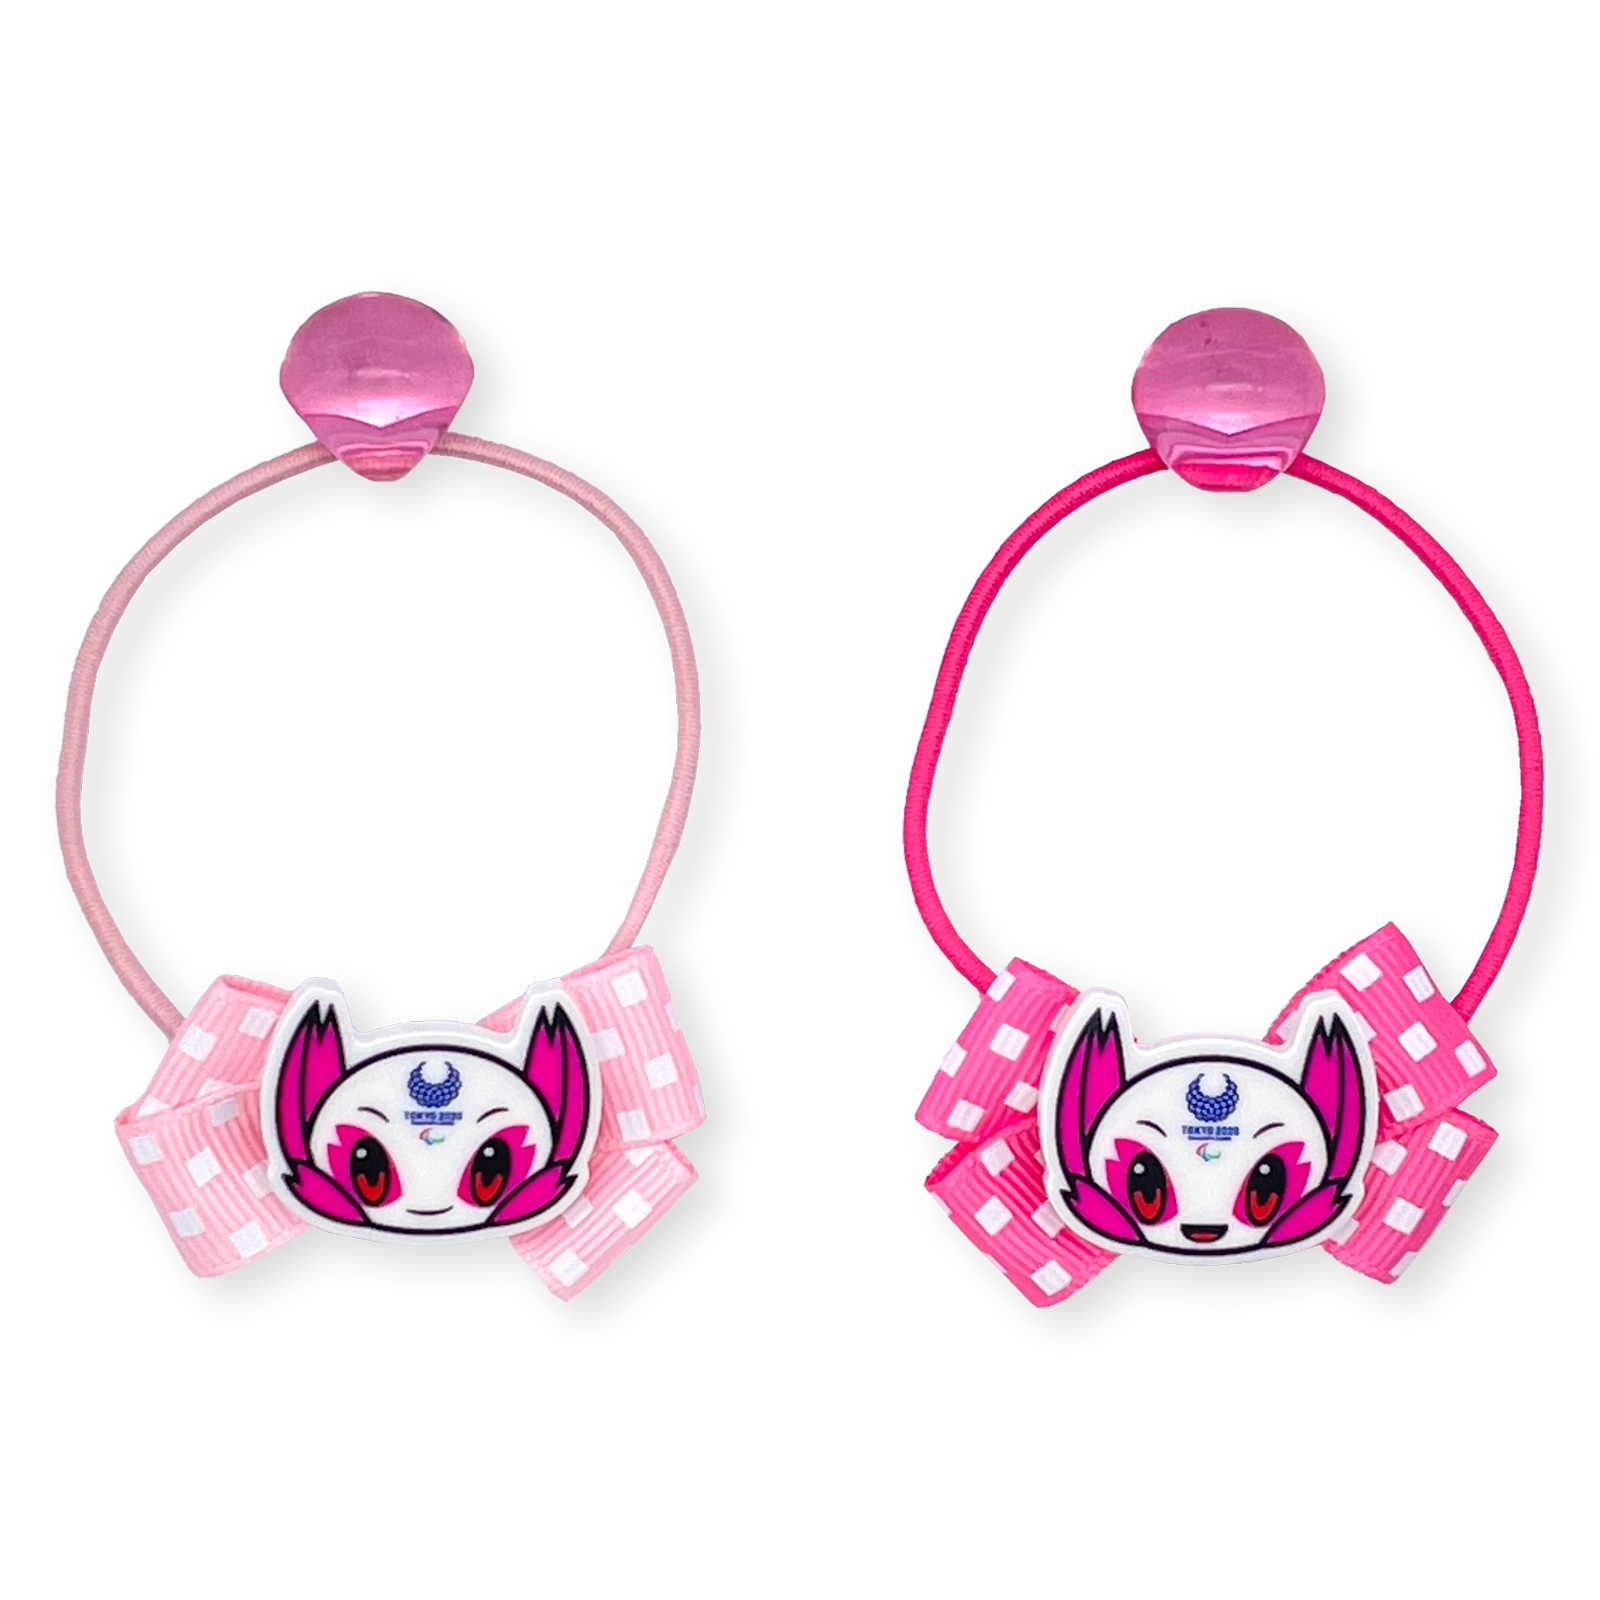 【セール価格】東京2020パラリンピックマスコットパーツ付ヘアゴム2個セット丸玉